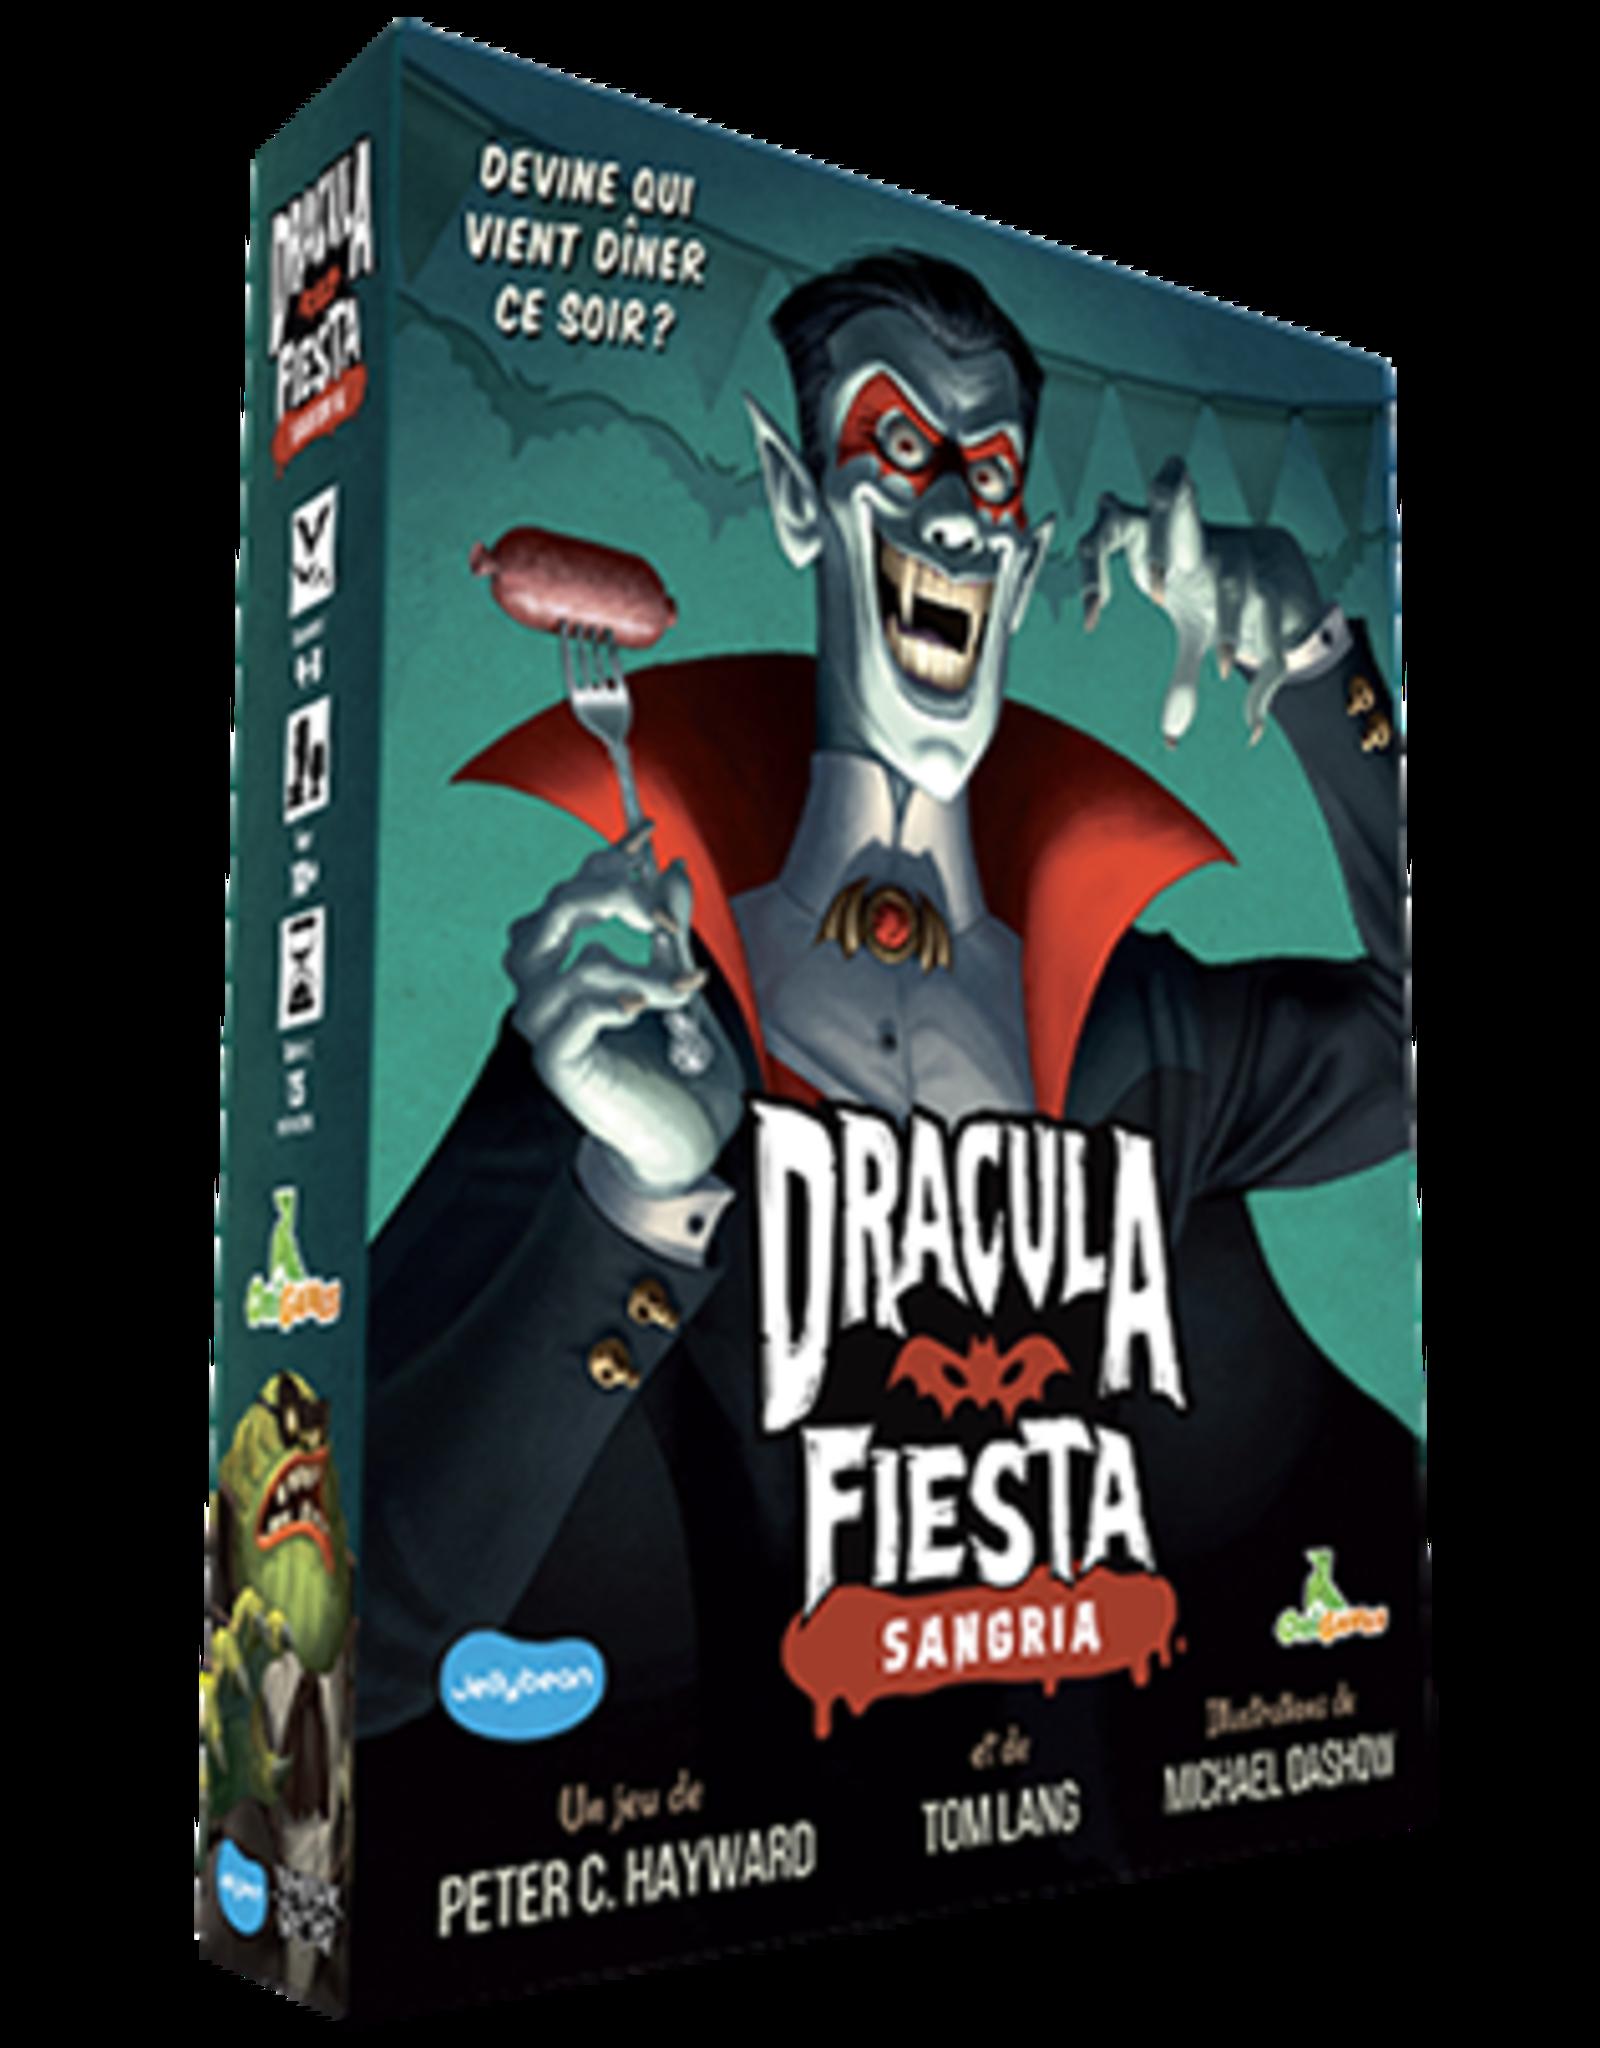 Dracula Fiesta Sangria (Français)